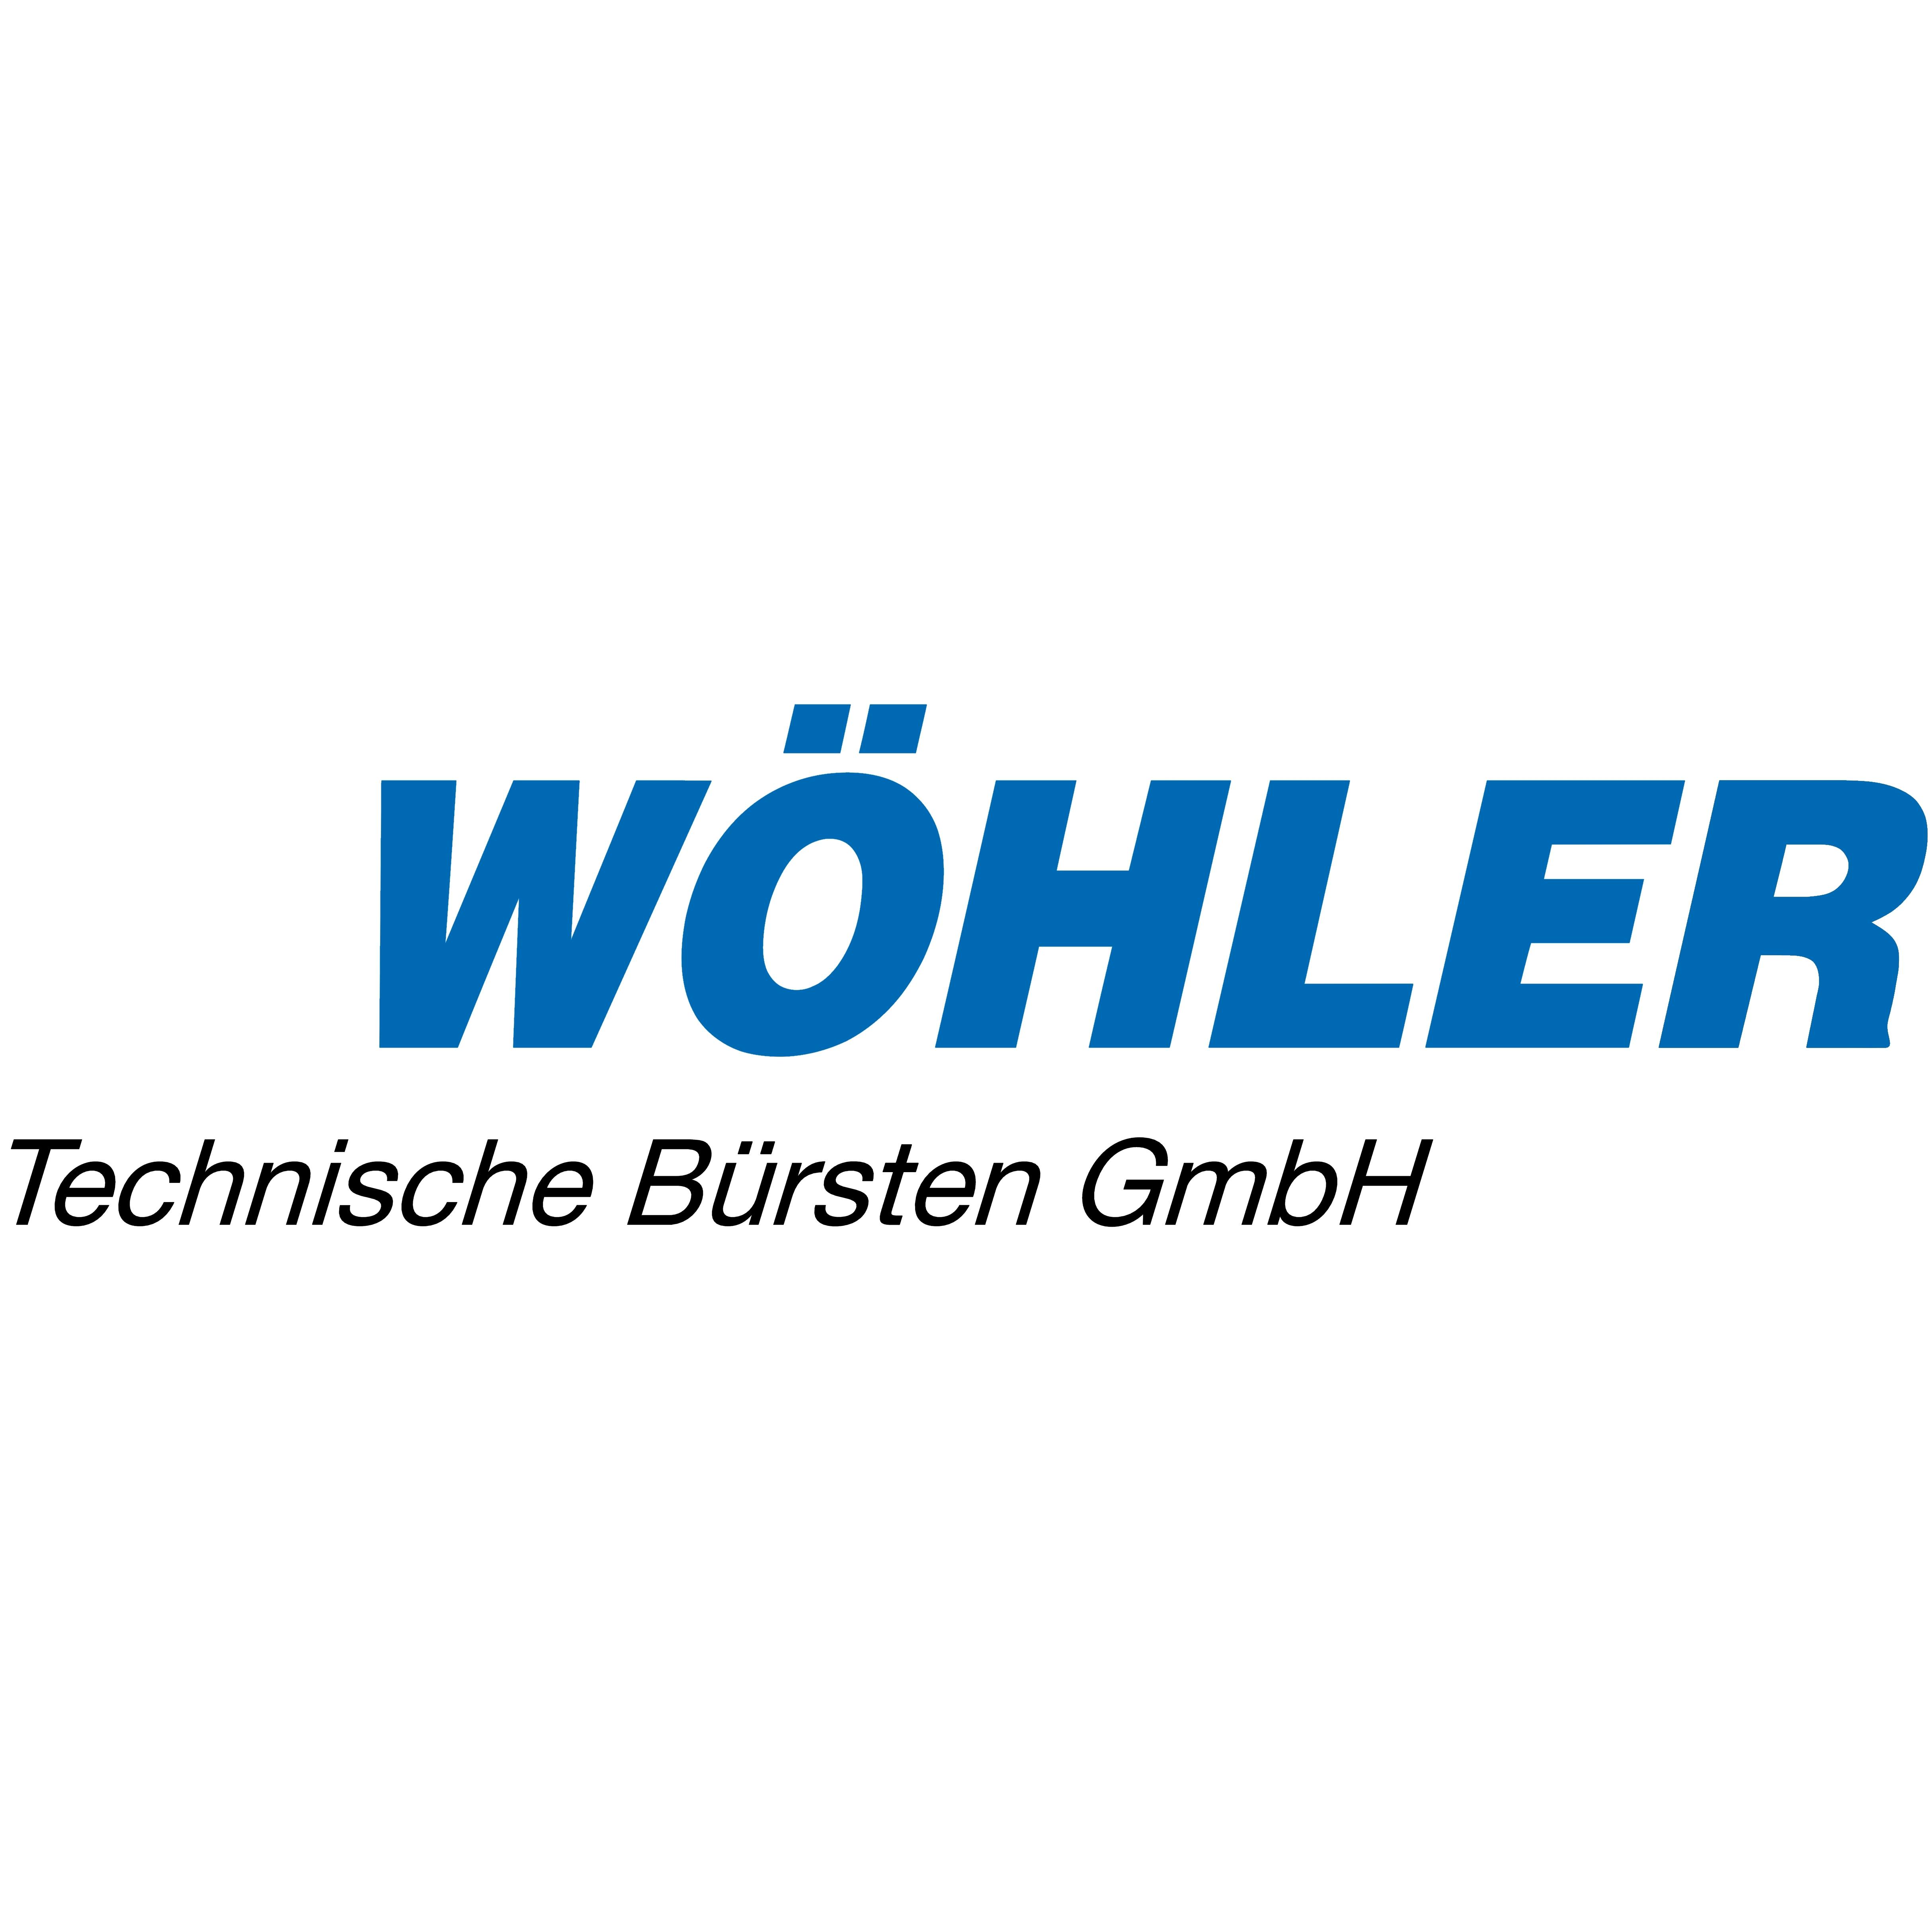 Wöhler Technische Bürsten GmbH